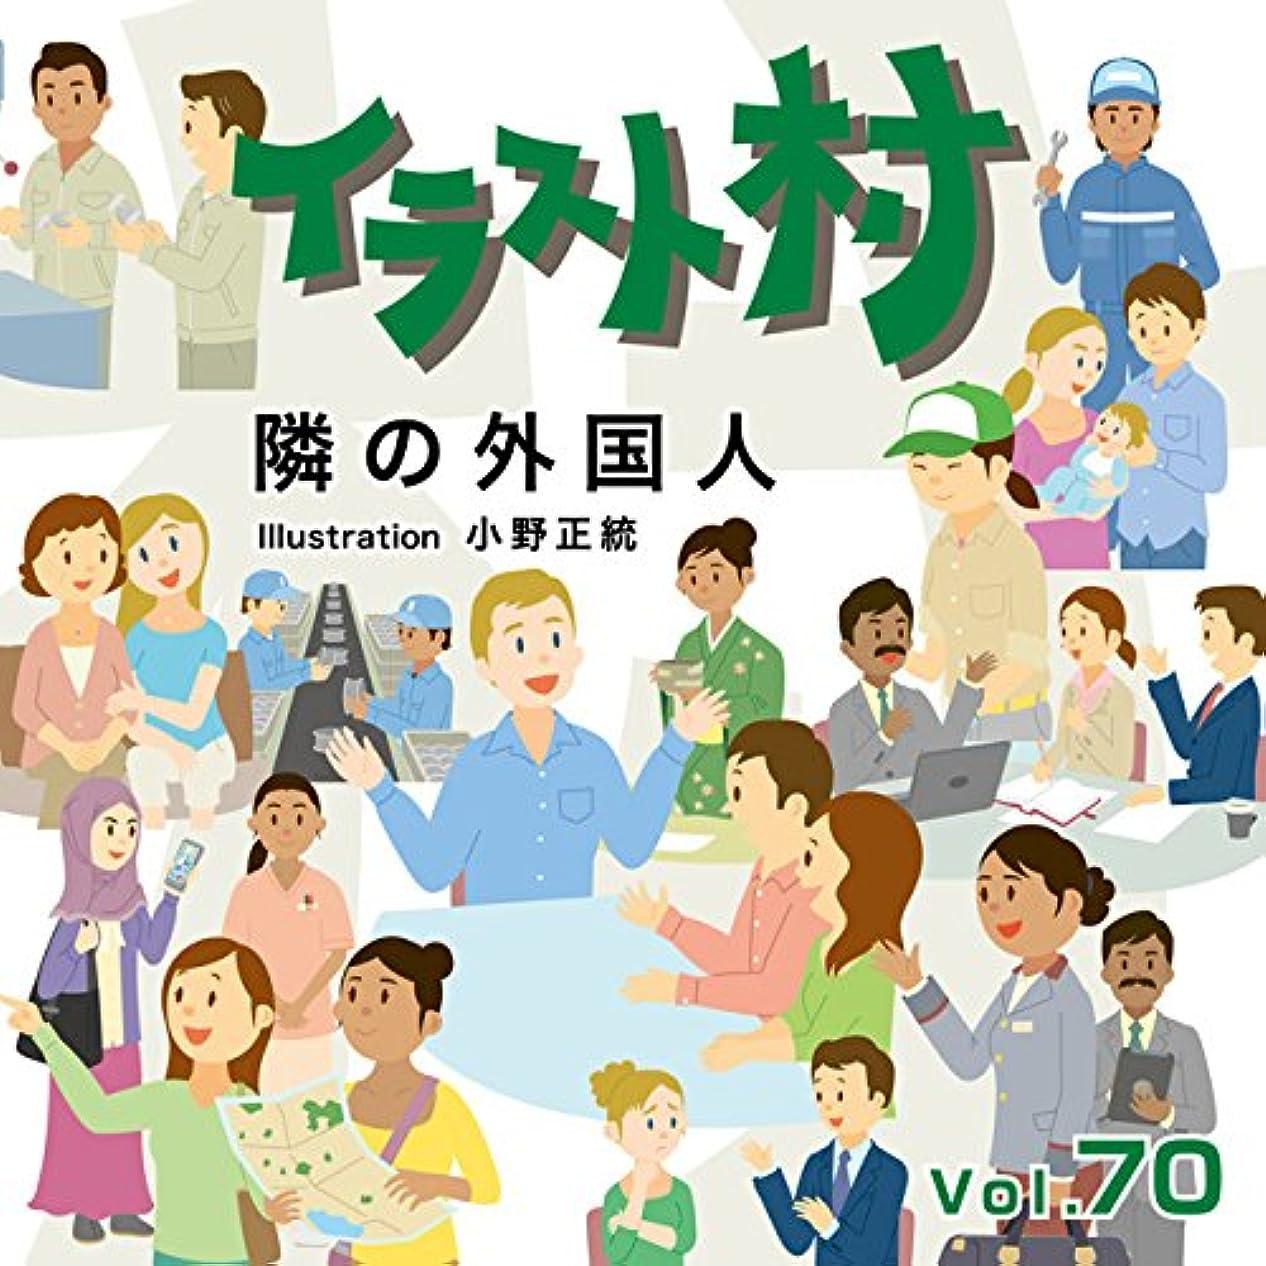 魔術リングレット提供するイラスト村 Vol.70 隣の外国人